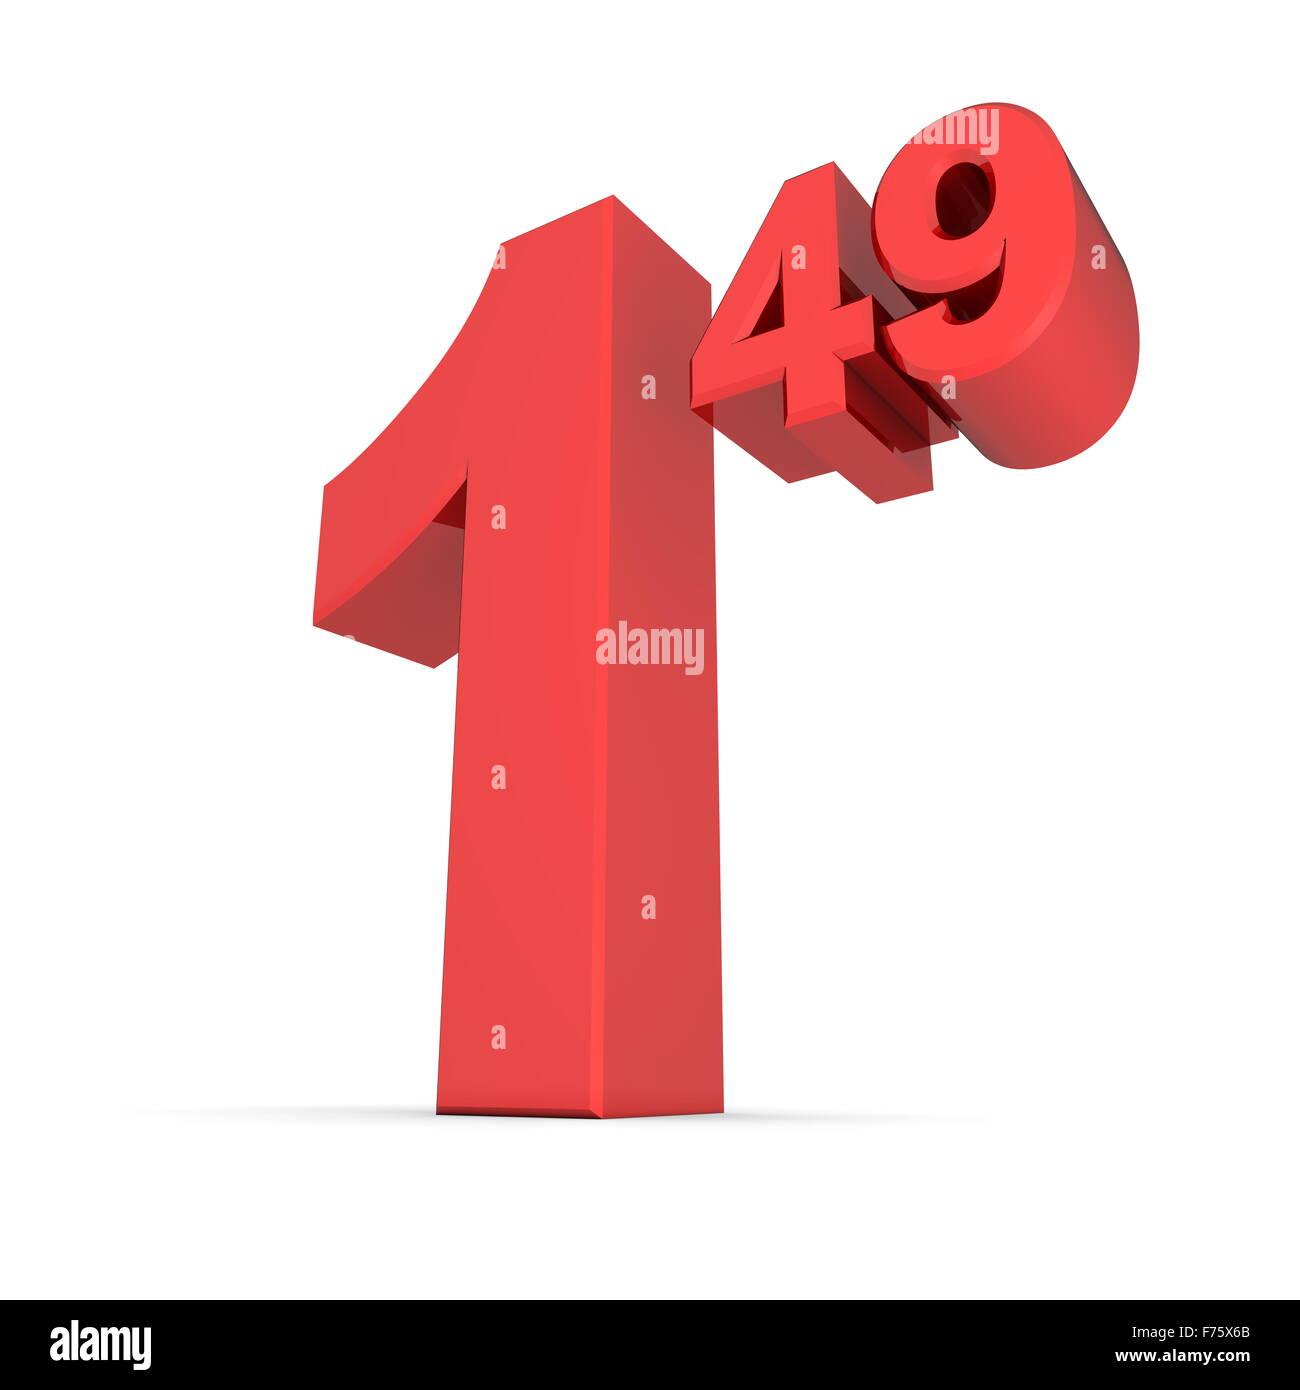 Número de etiqueta de precio sólido 1.49 - Rojo brillante Imagen De Stock